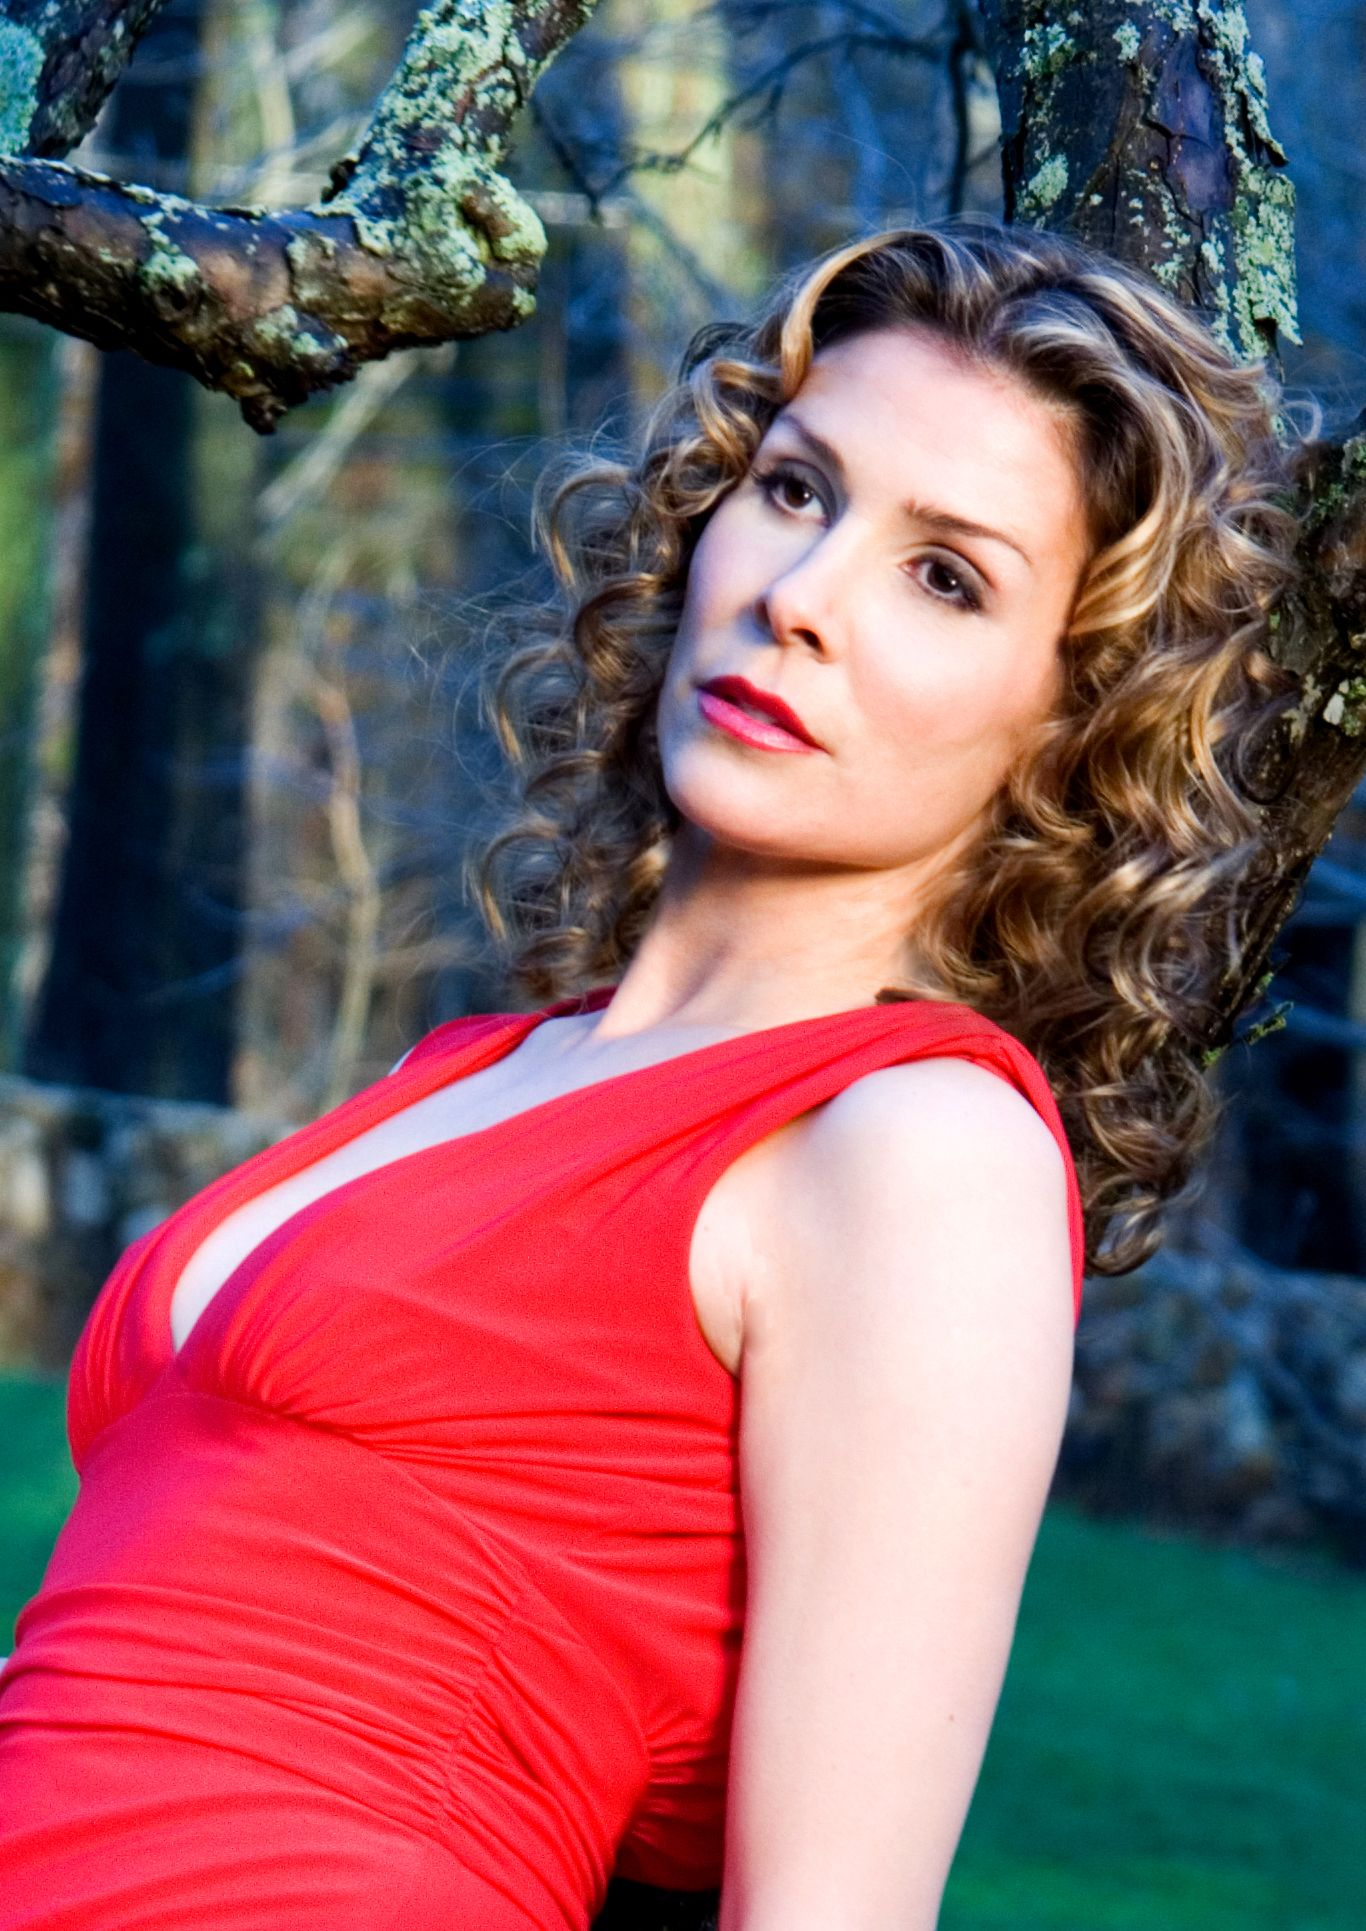 Zoe Daelman Chlanda Nude Photos 1